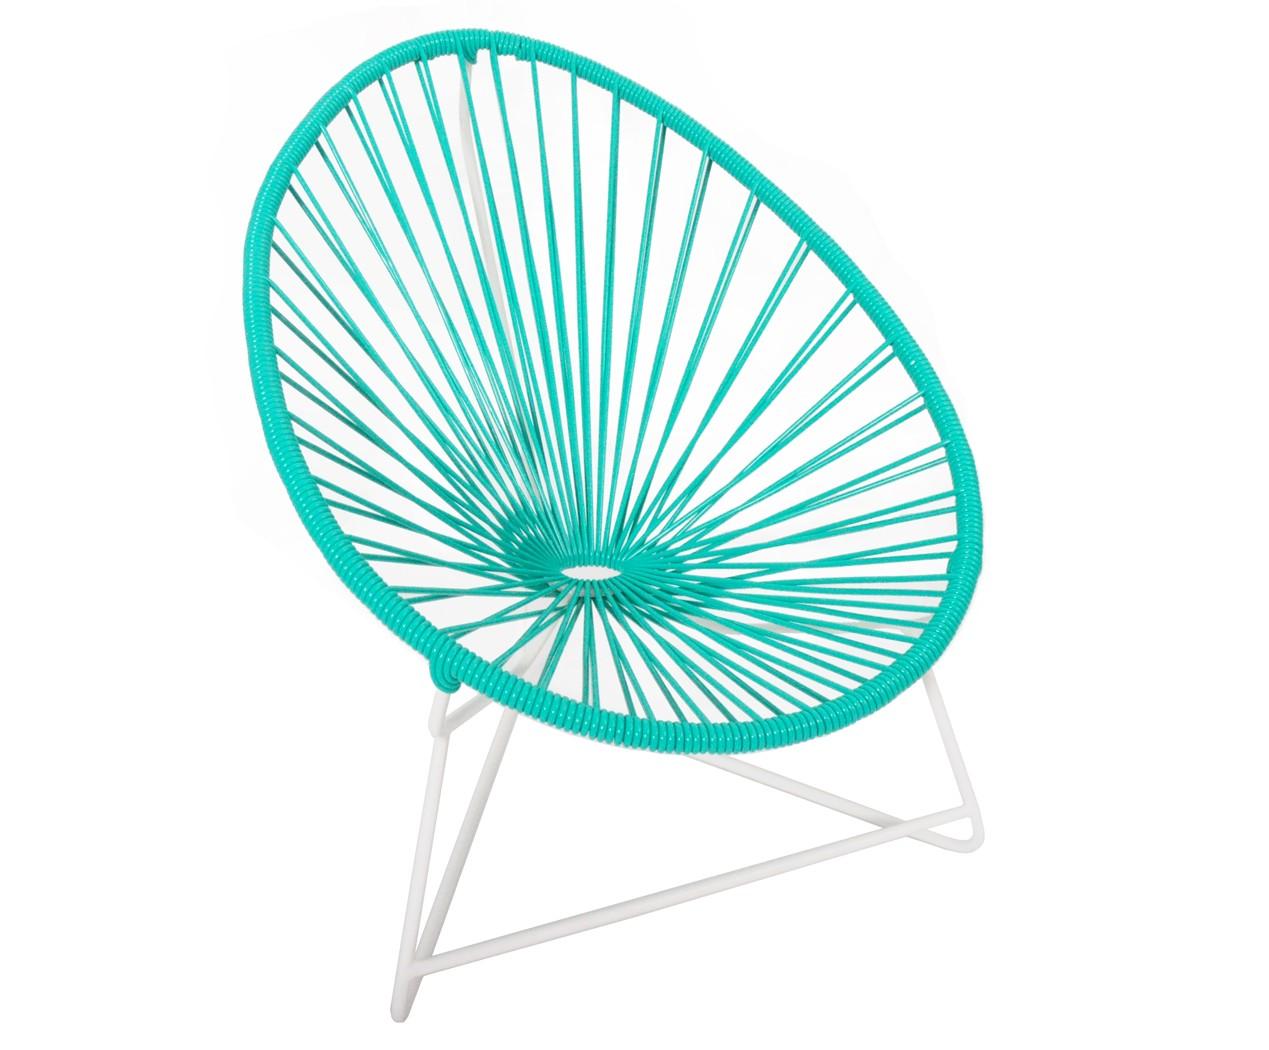 fauteuil acapulco enfant de boqa avec structure blanche vert turquoise